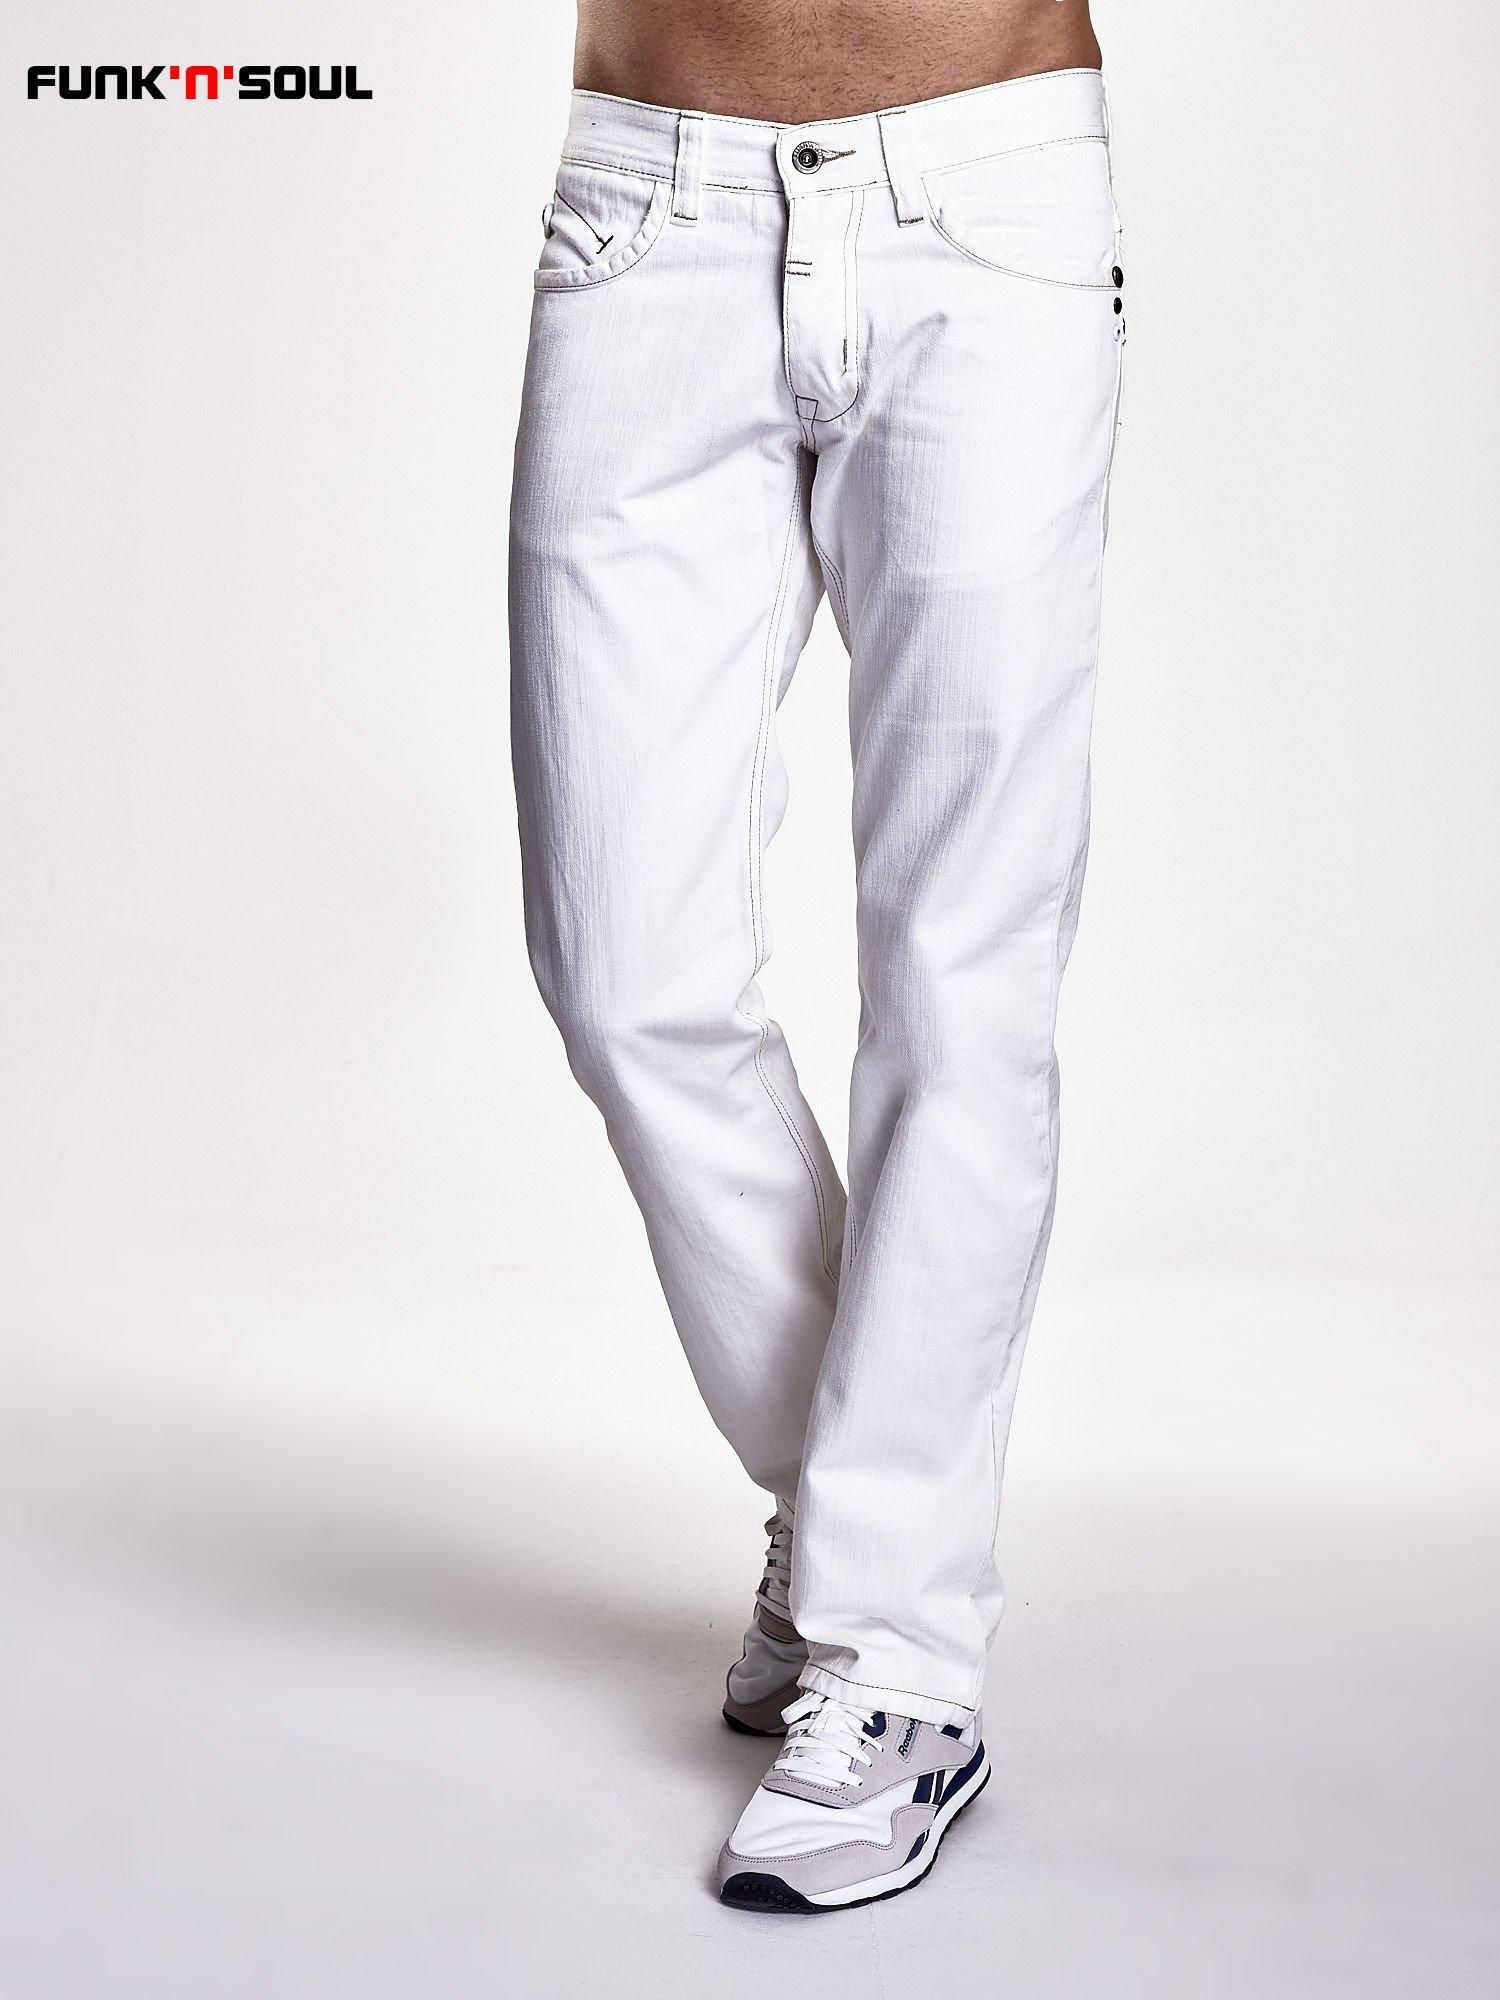 Białe spodnie męskie z napami na kieszeniach Funk n Soul                                  zdj.                                  1